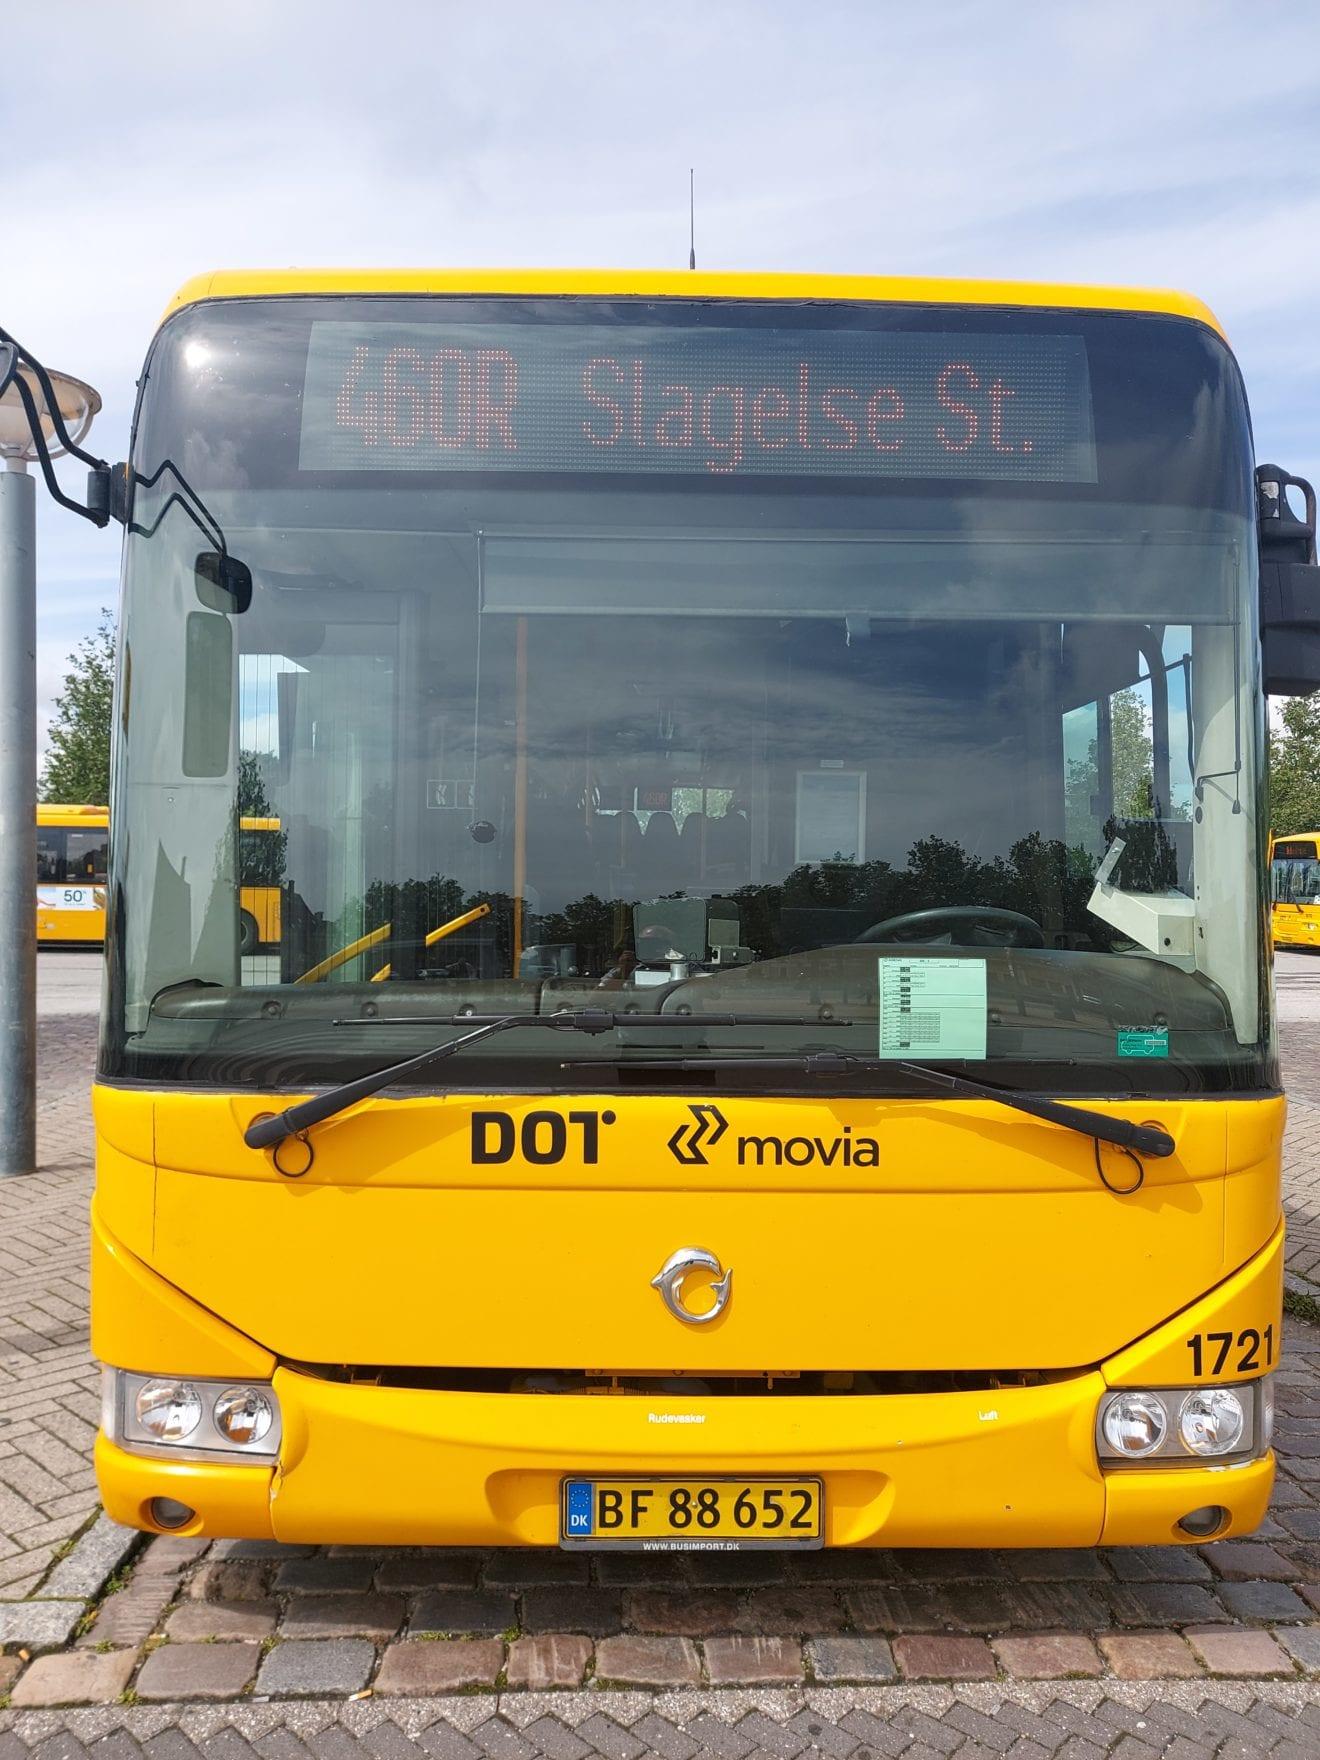 Ambitiøst forsøg skal øge antallet af passagerer